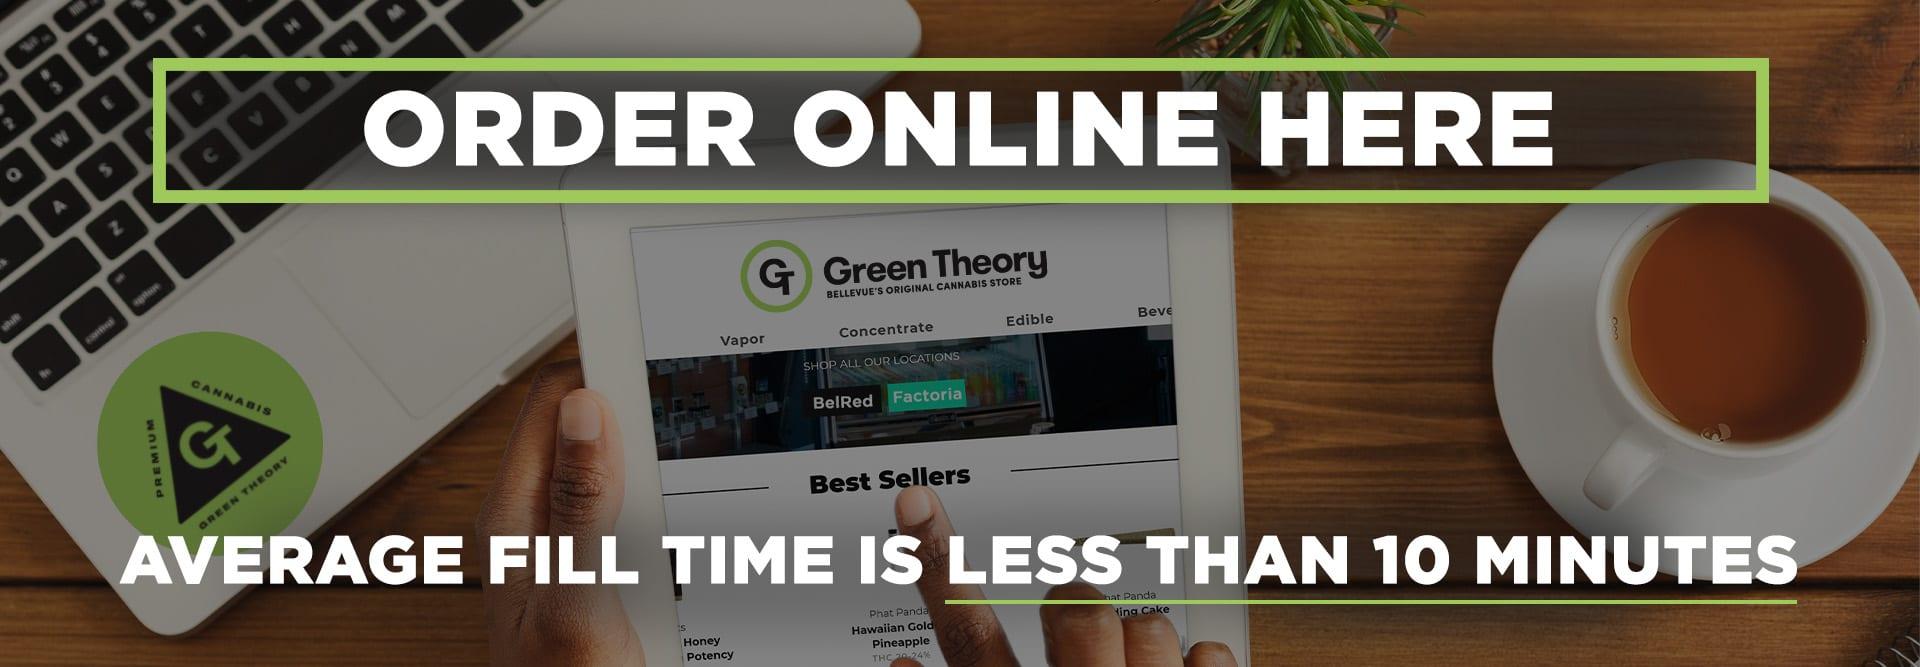 Online orders slide